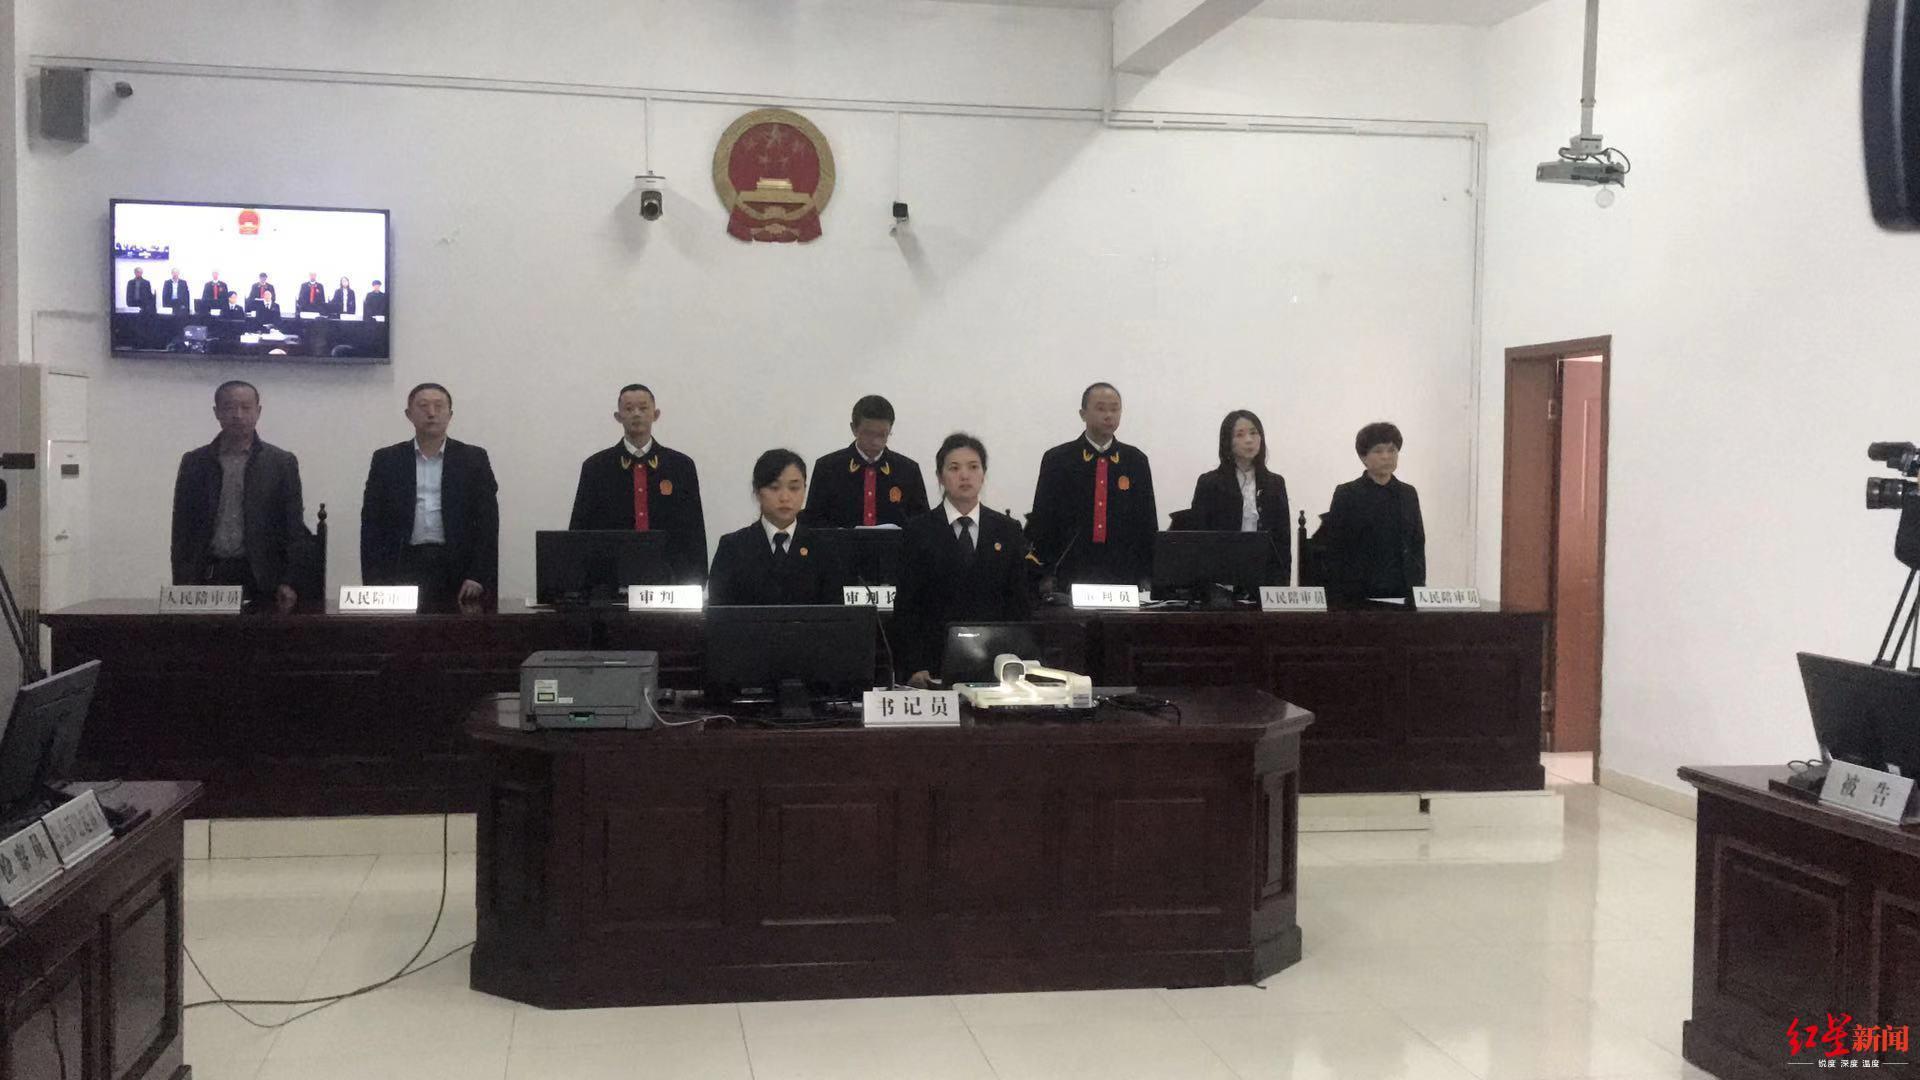 龙爪丘陵怠于履行环保职责 中江县永太镇政府被